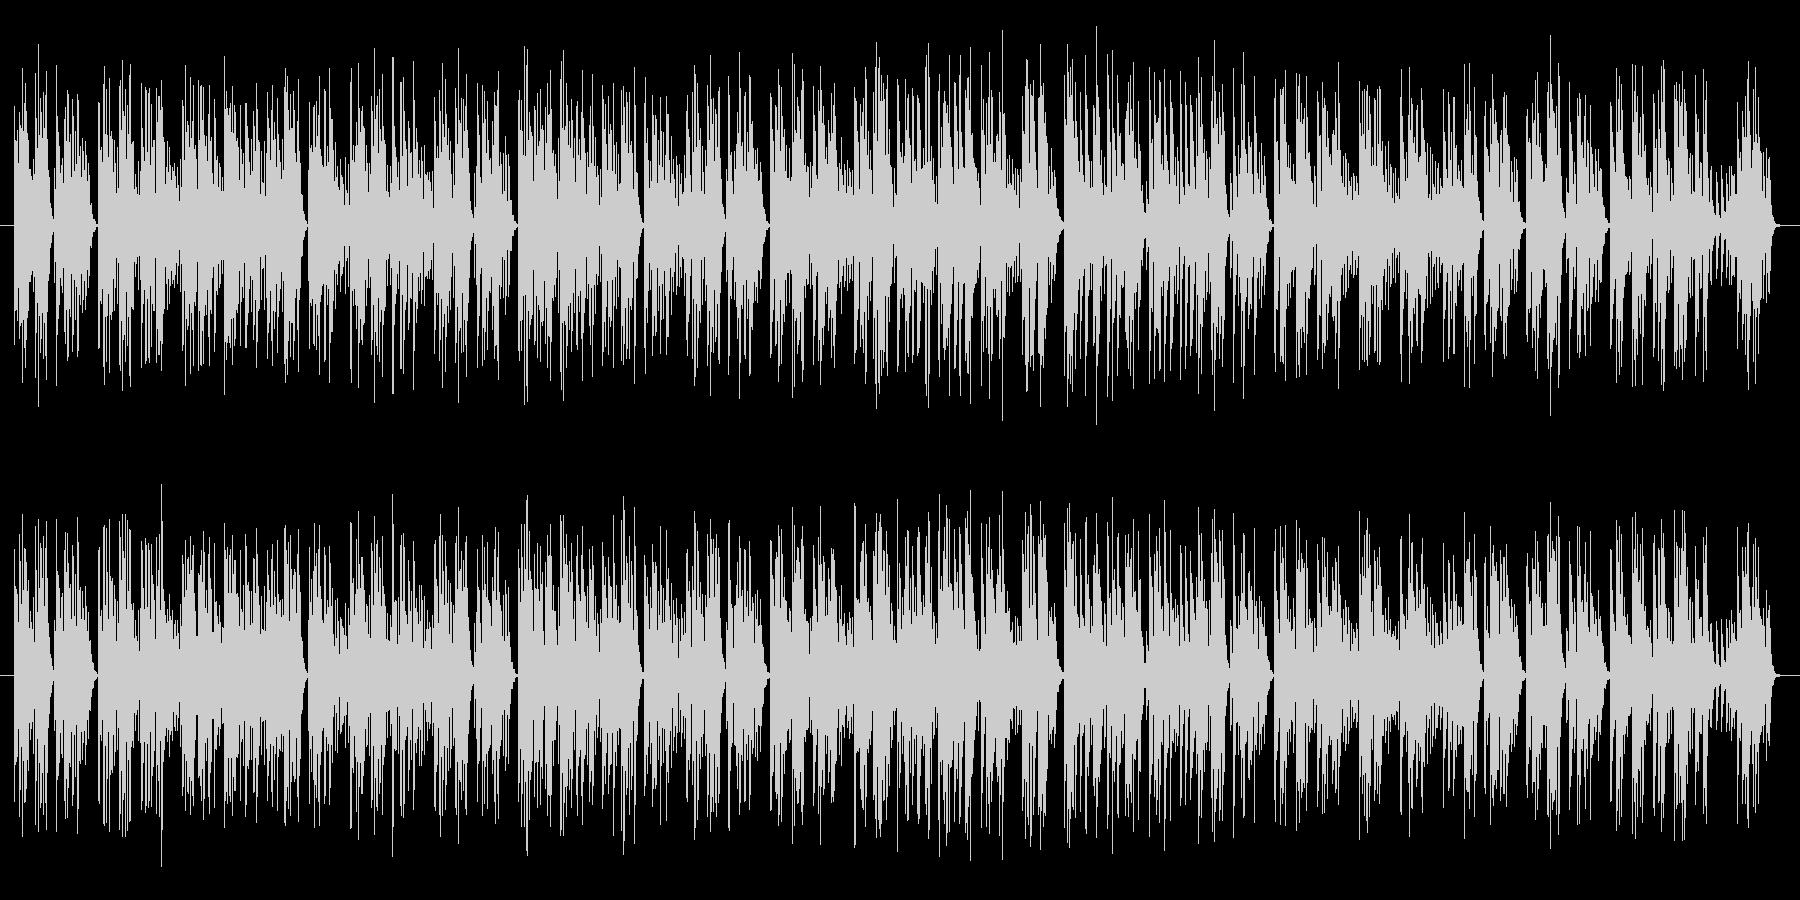 のんびりとしたオルゴール調の楽曲です。…の未再生の波形